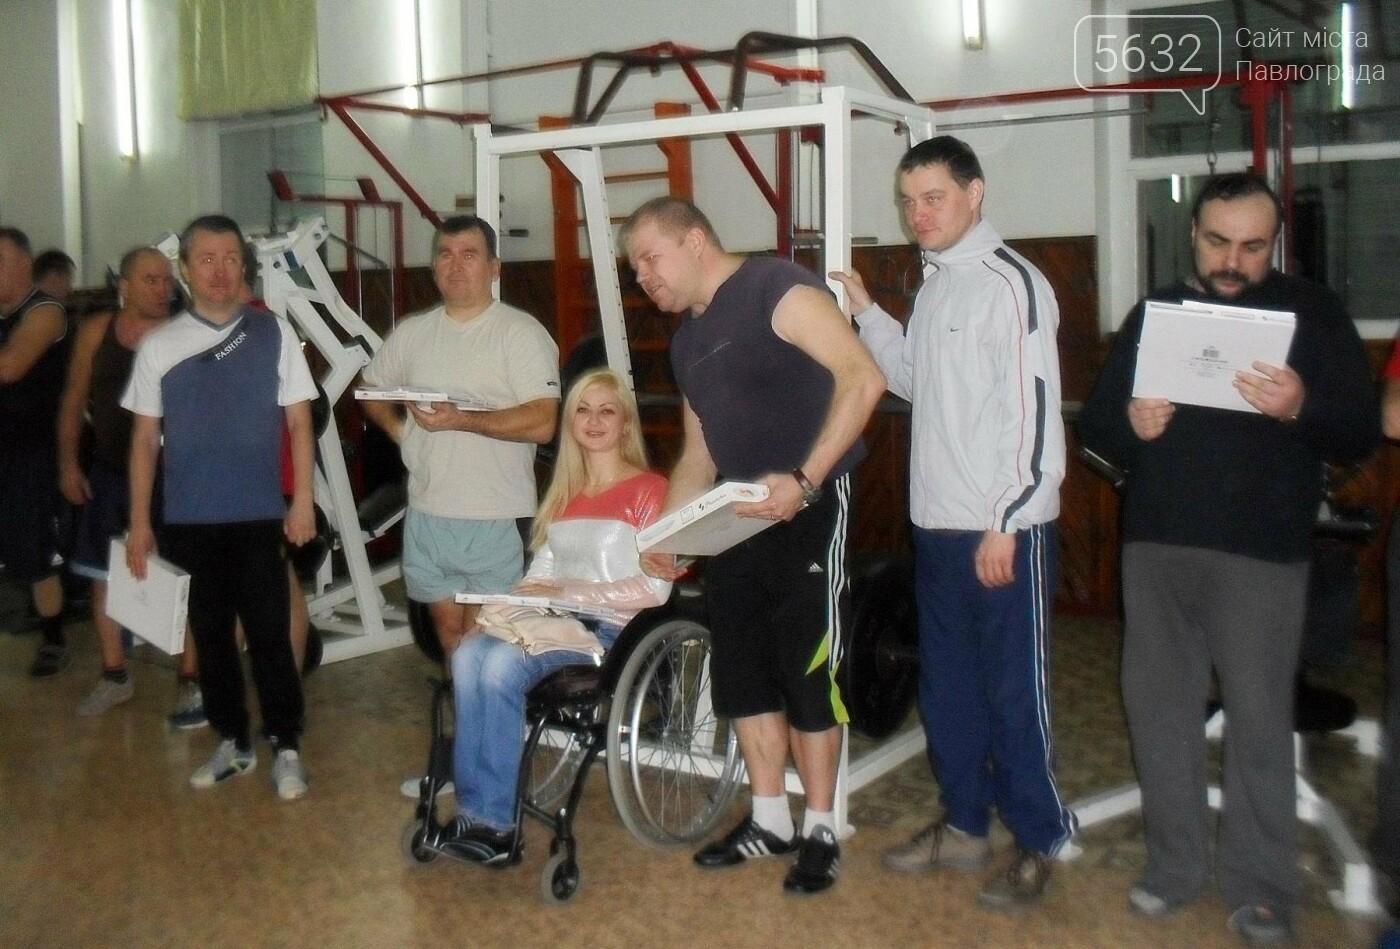 У Павлограді спортсмени з інвалідністю підкорювали штангу , фото-5